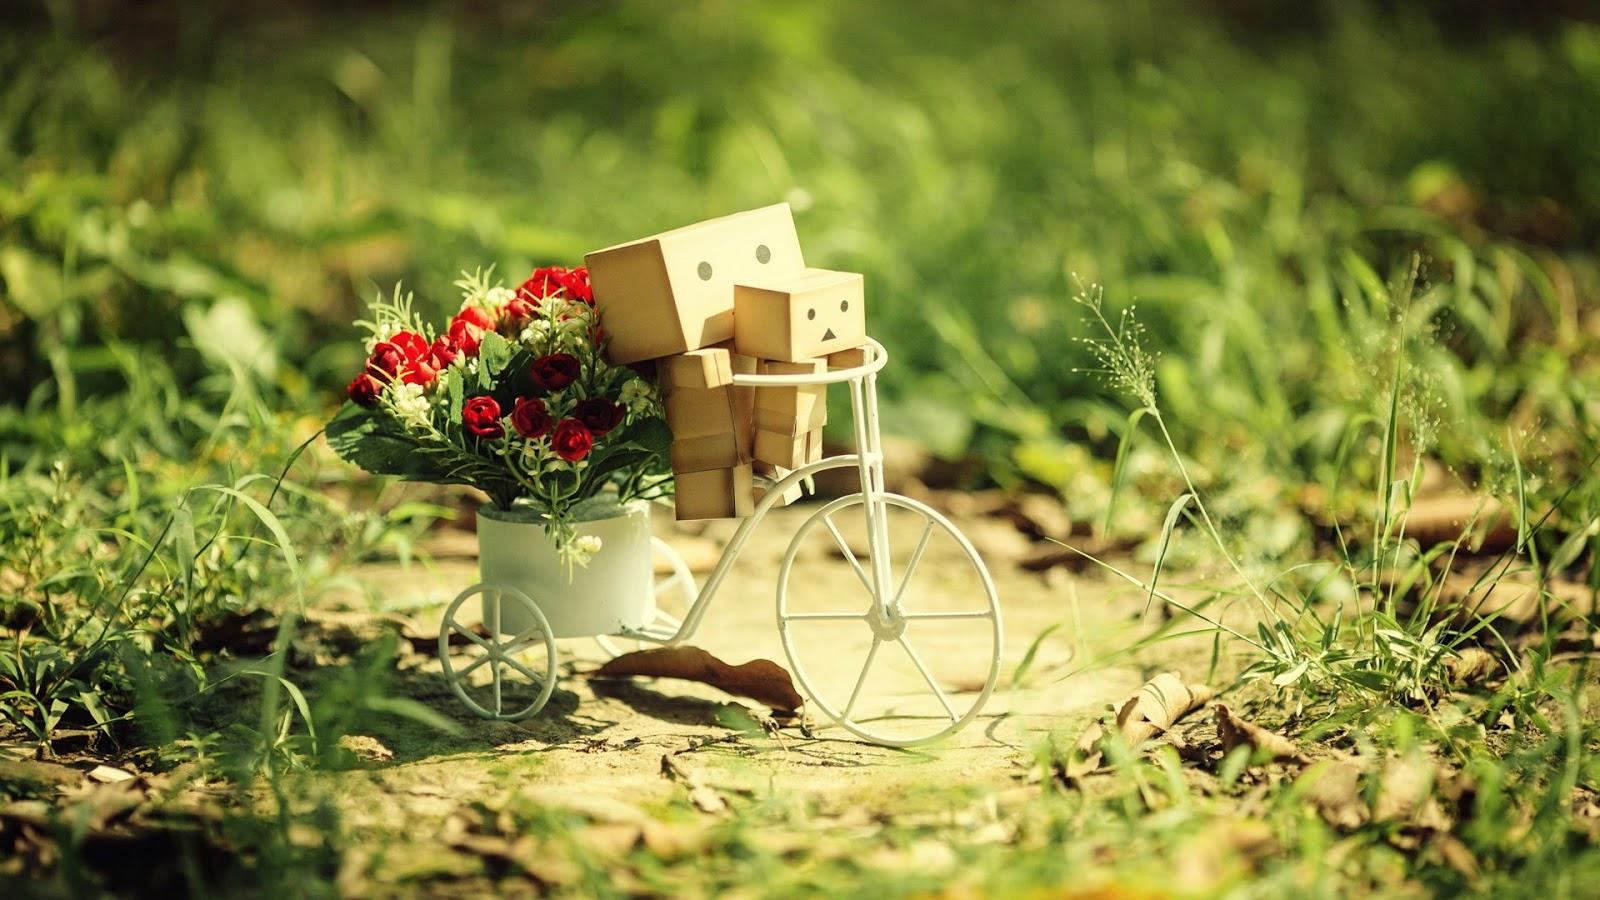 Hình nền tình yêu - Anh chở em trên chiếc xe đạp xinh